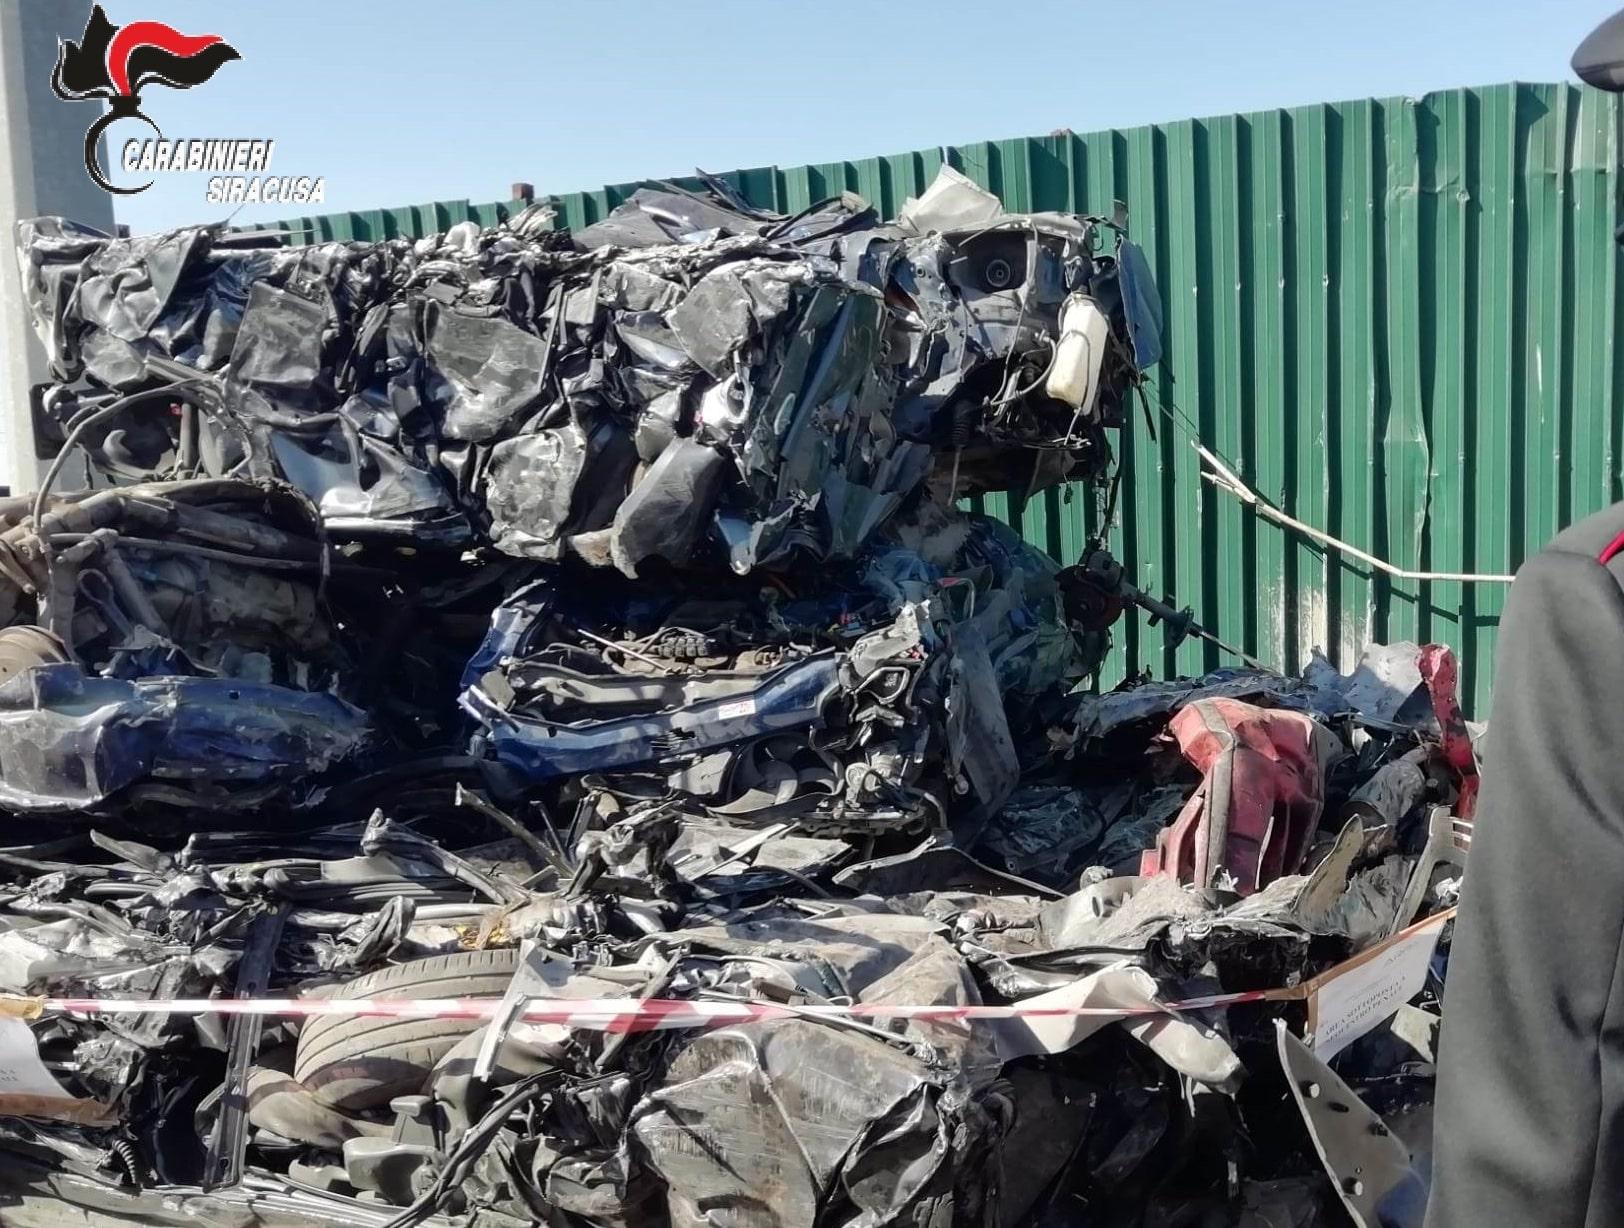 Demolisce e compatta auto senza bonificarle, nei guai una ditta di Augusta: denunciato il proprietario